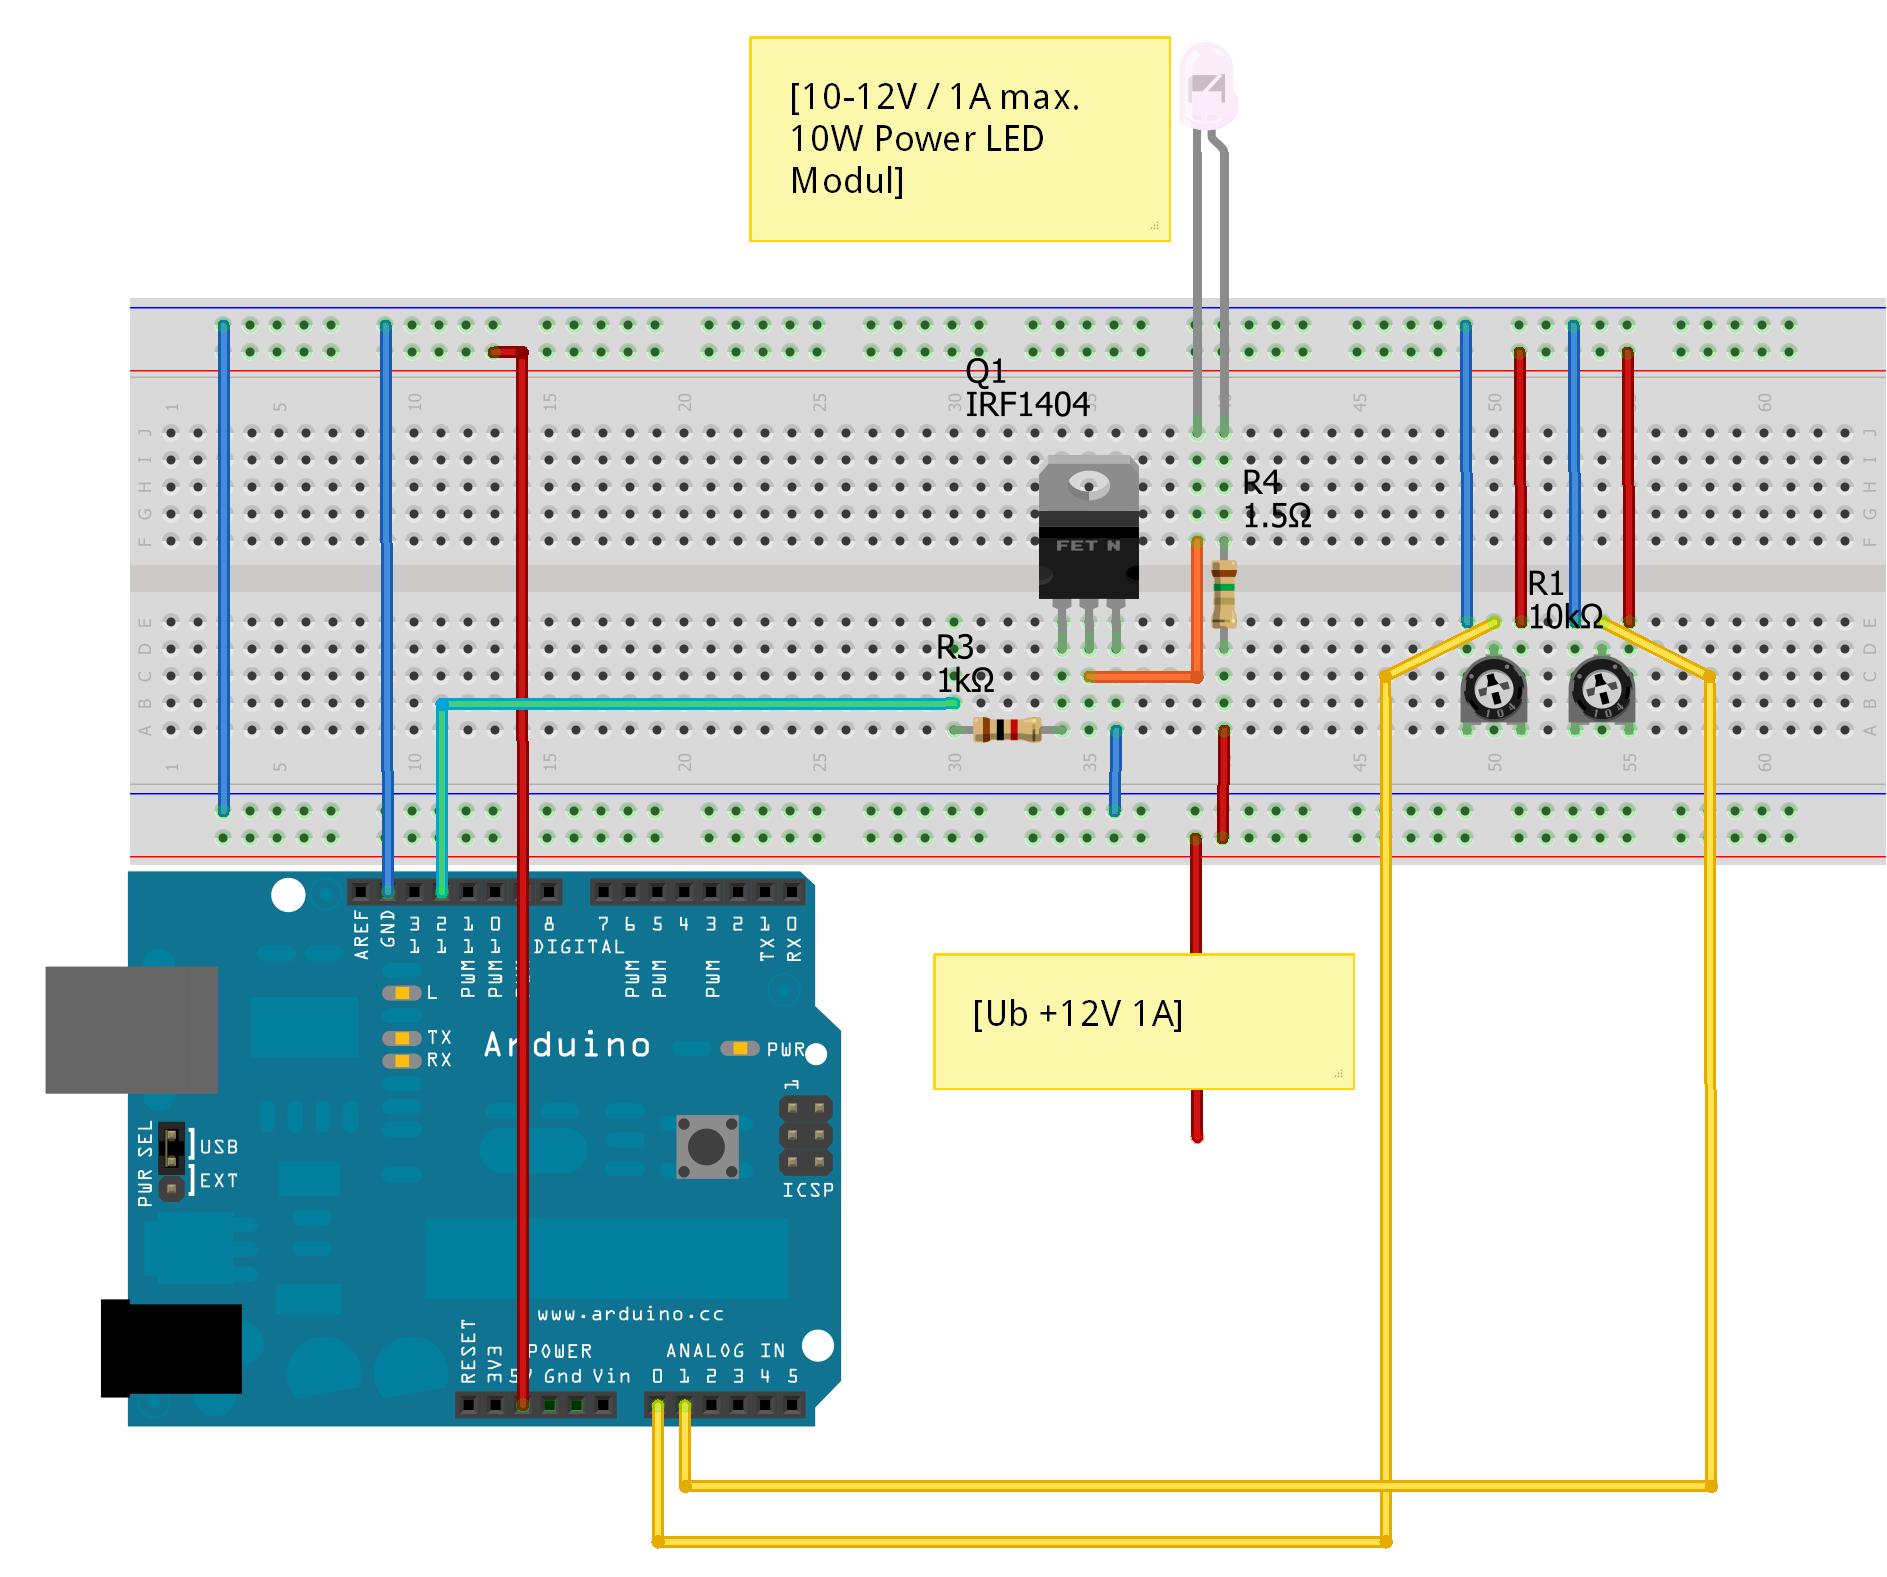 Mein Paket Ein10w Power Led Modul Arduino Hannover Arduinoledlightchaser10ledcodecircuit Stckliste Ardu Stroboskop Steckplatine